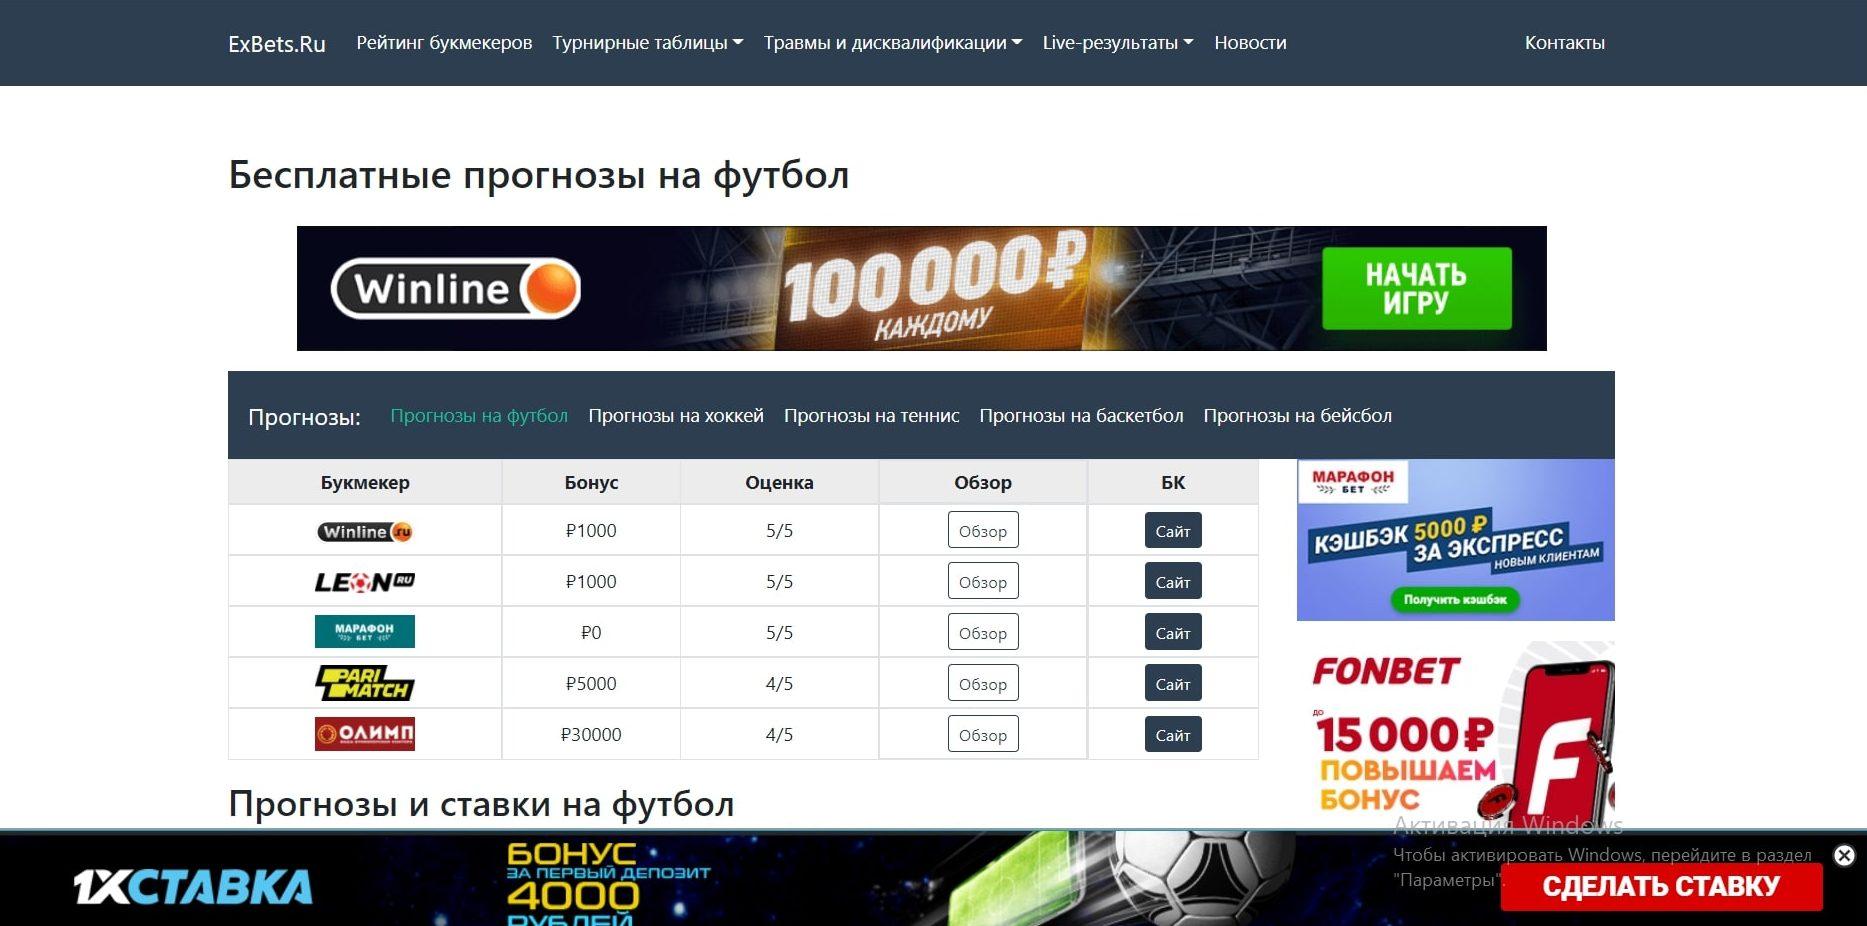 Exbets.ru - сайт бесплатных прогнозов на спорт